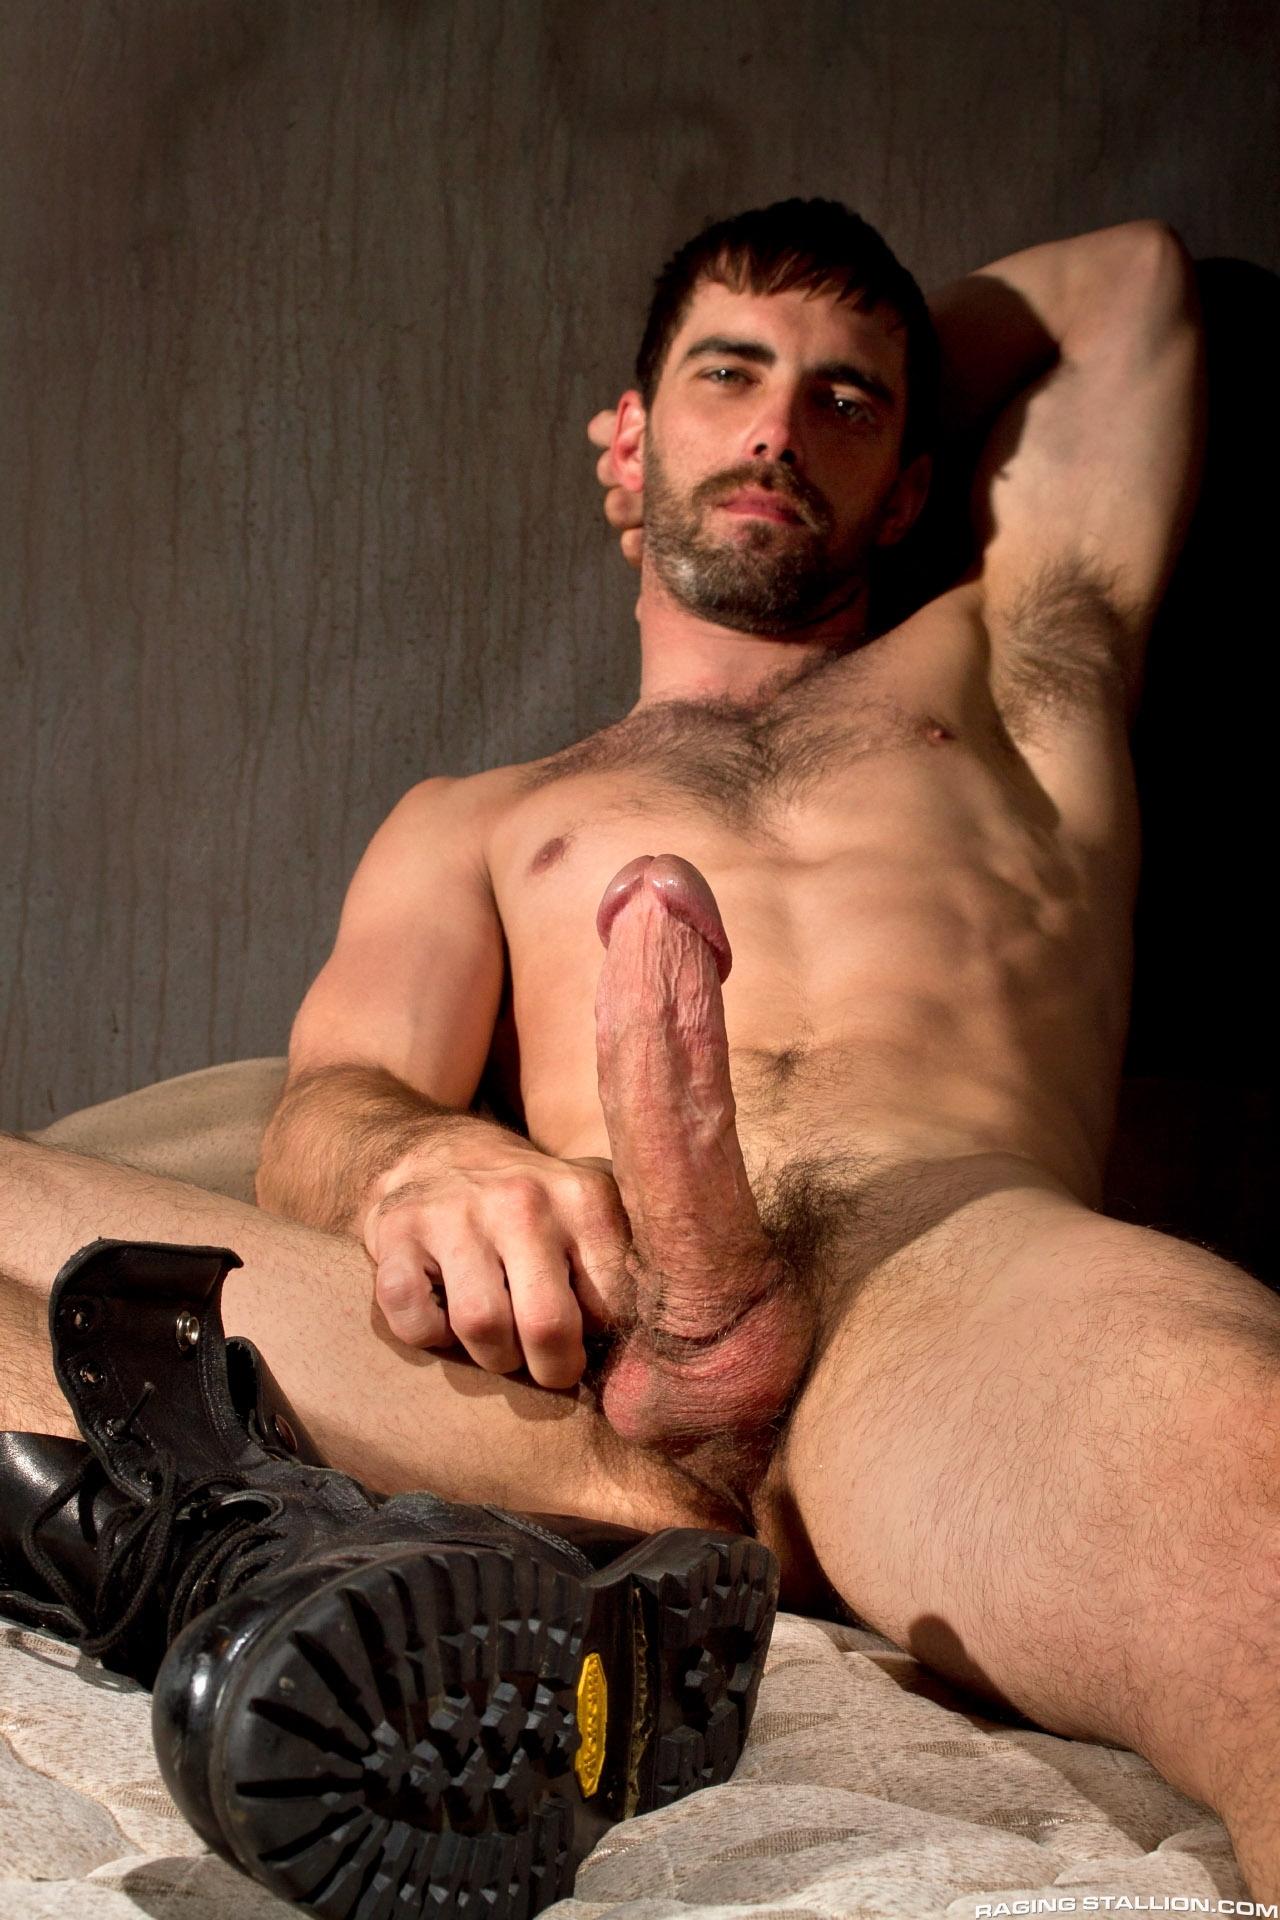 Joe Parker gay hot daddy dude men porn